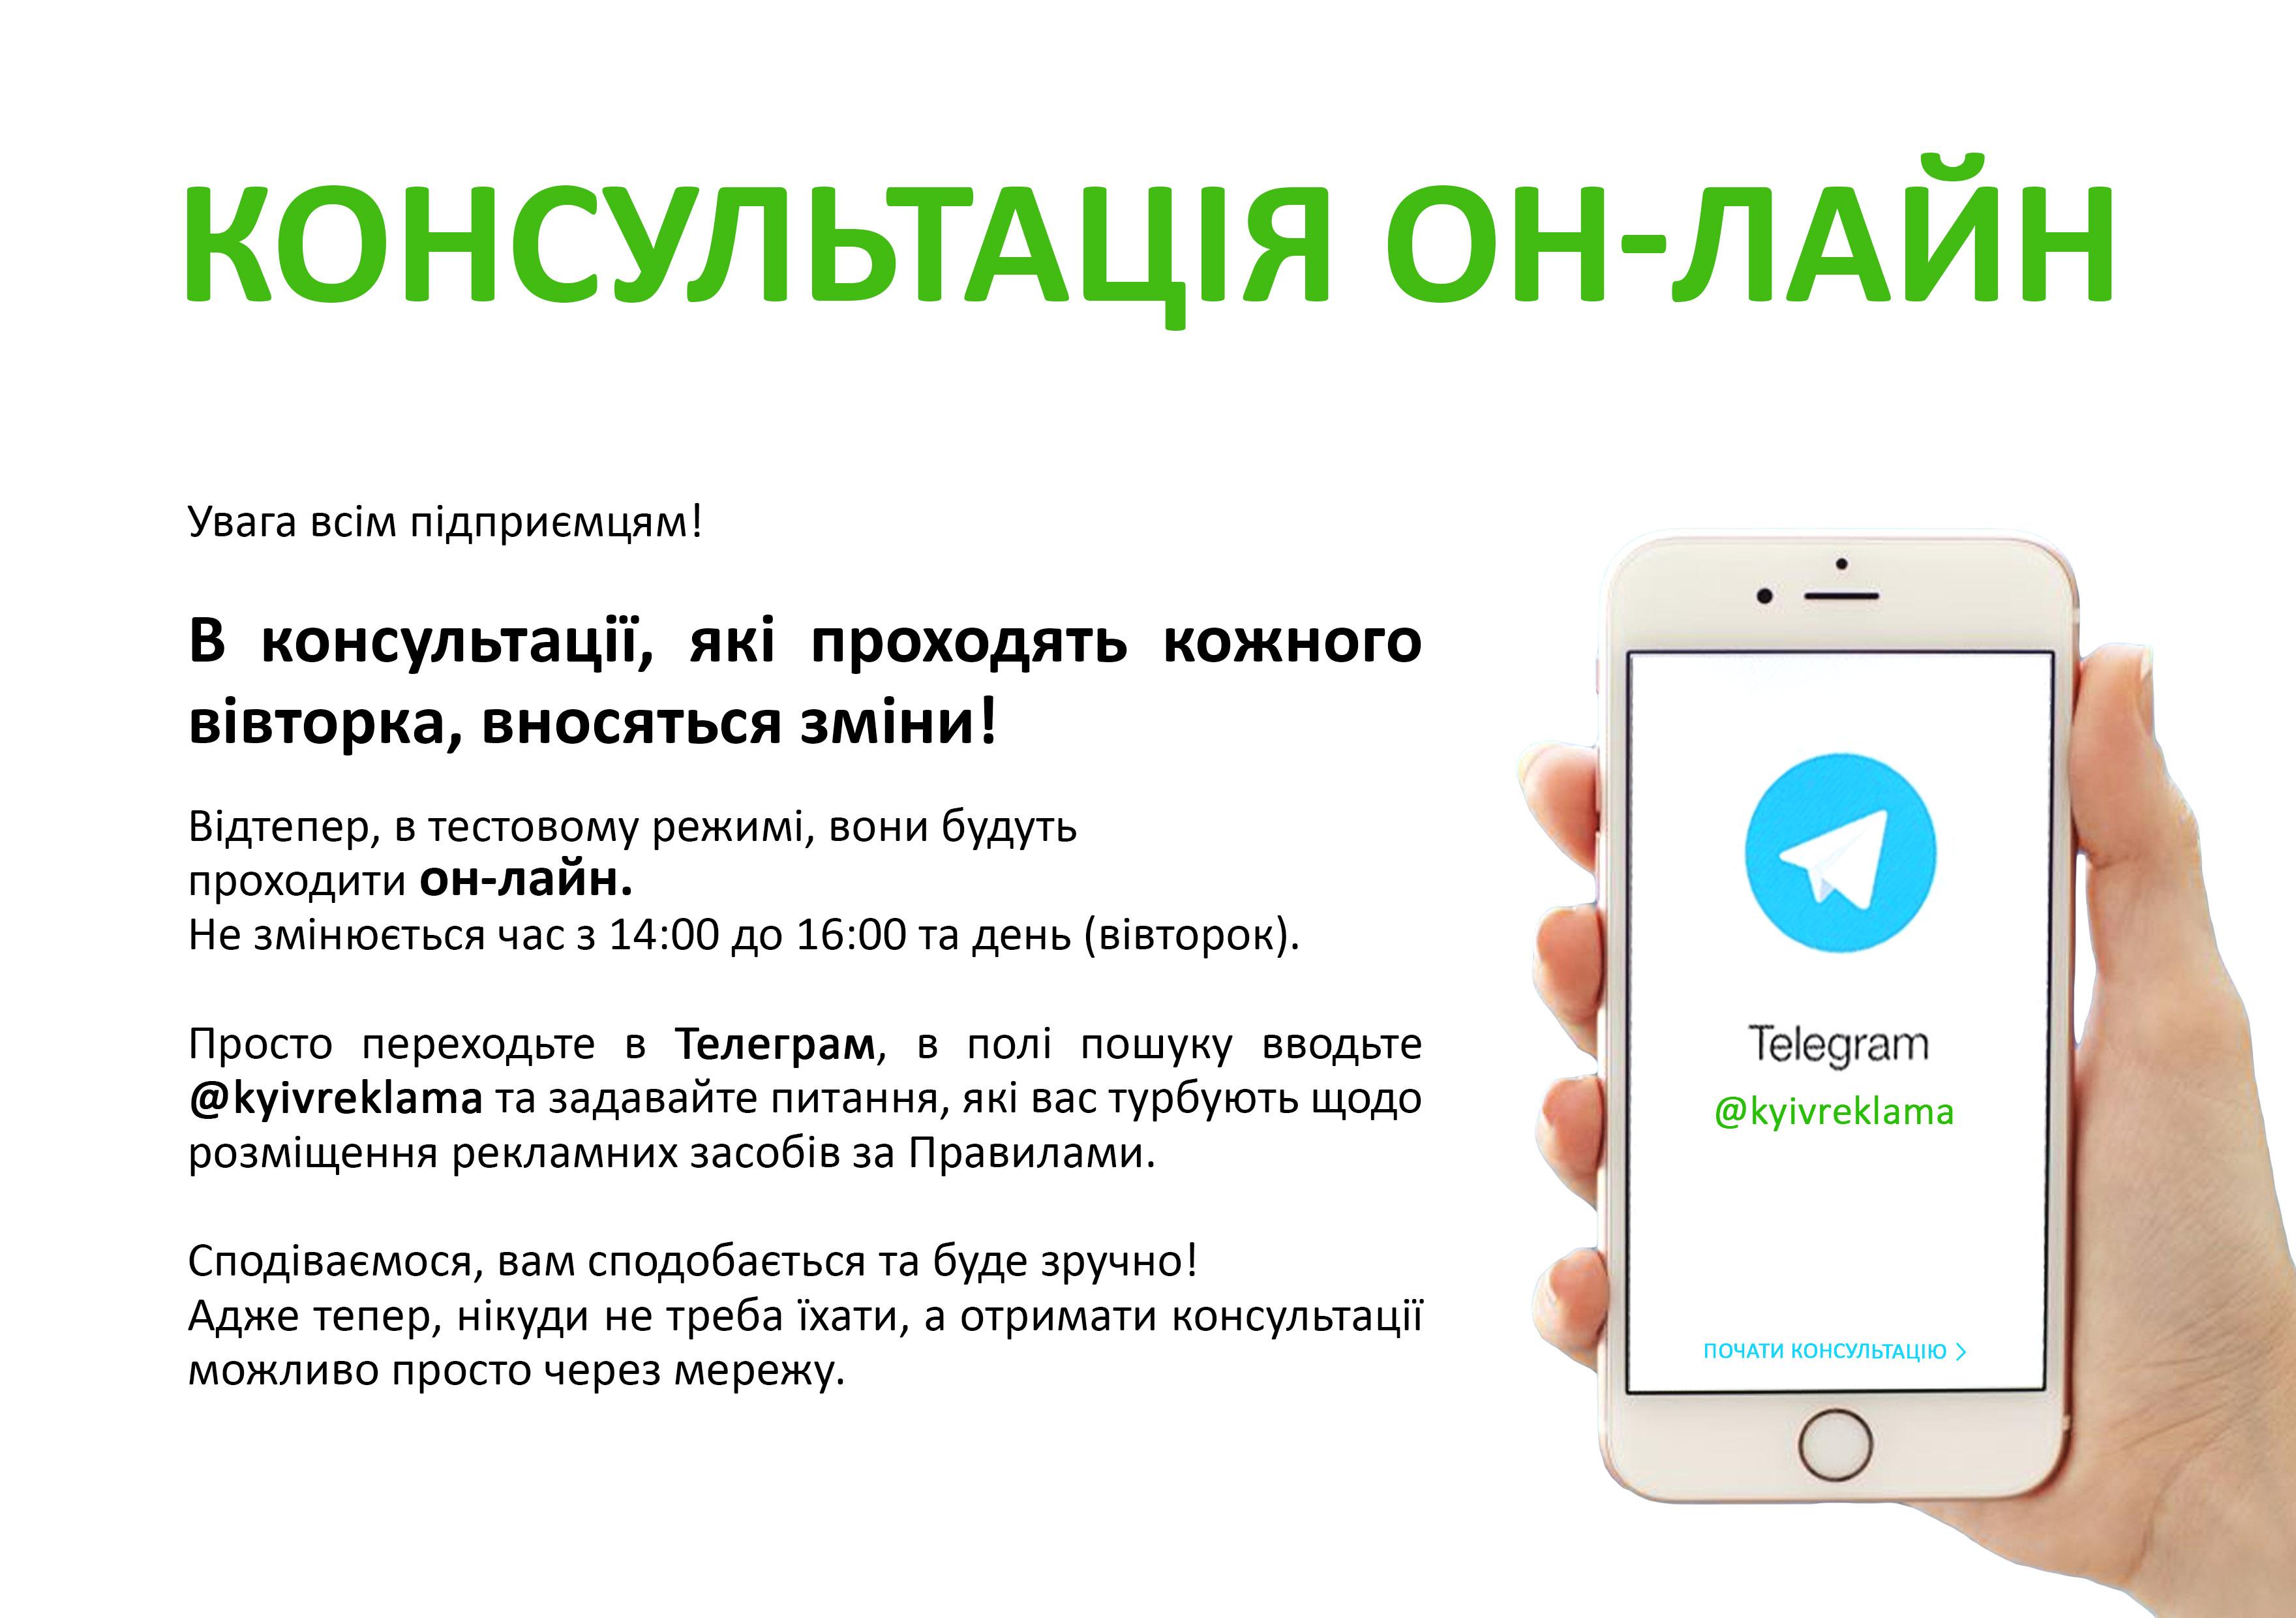 Власти Киева запустили онлайн-консультации по размещению рекламы 01